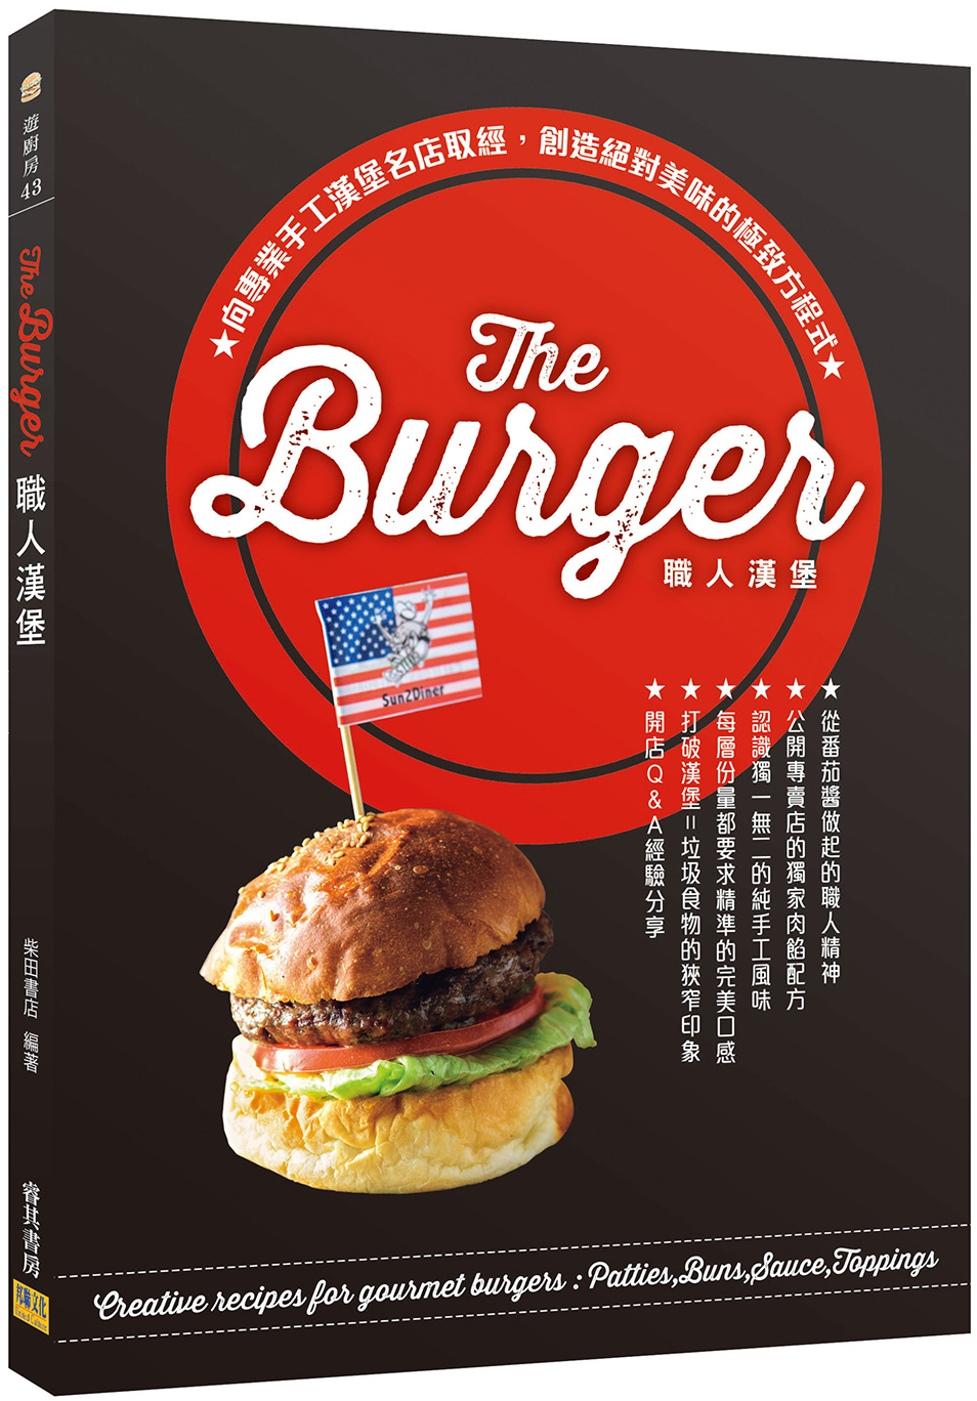 The Burger職人漢堡:向專業手工漢堡名店取經,創造絕對美味的極致方程式